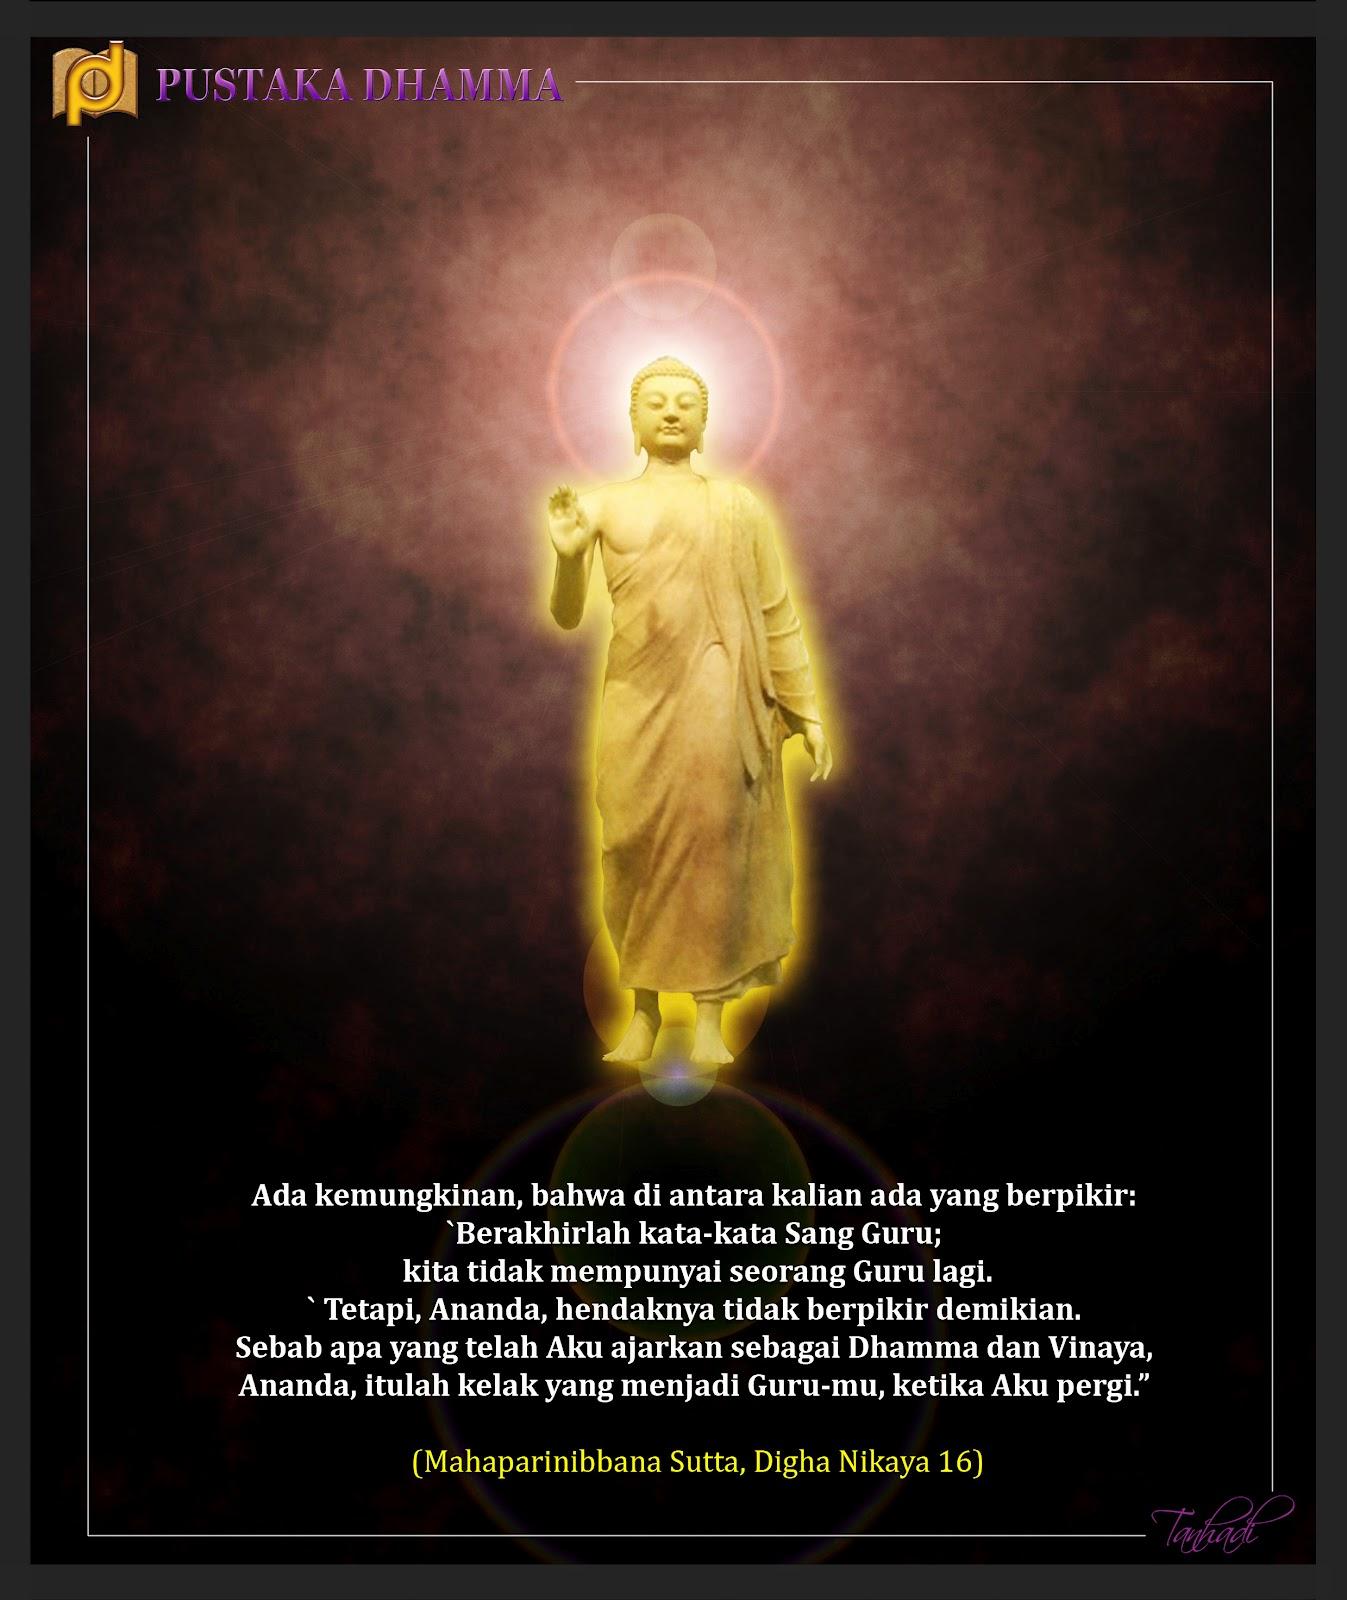 PUSTAKA DHAMMA Sabda Sang Buddha 6